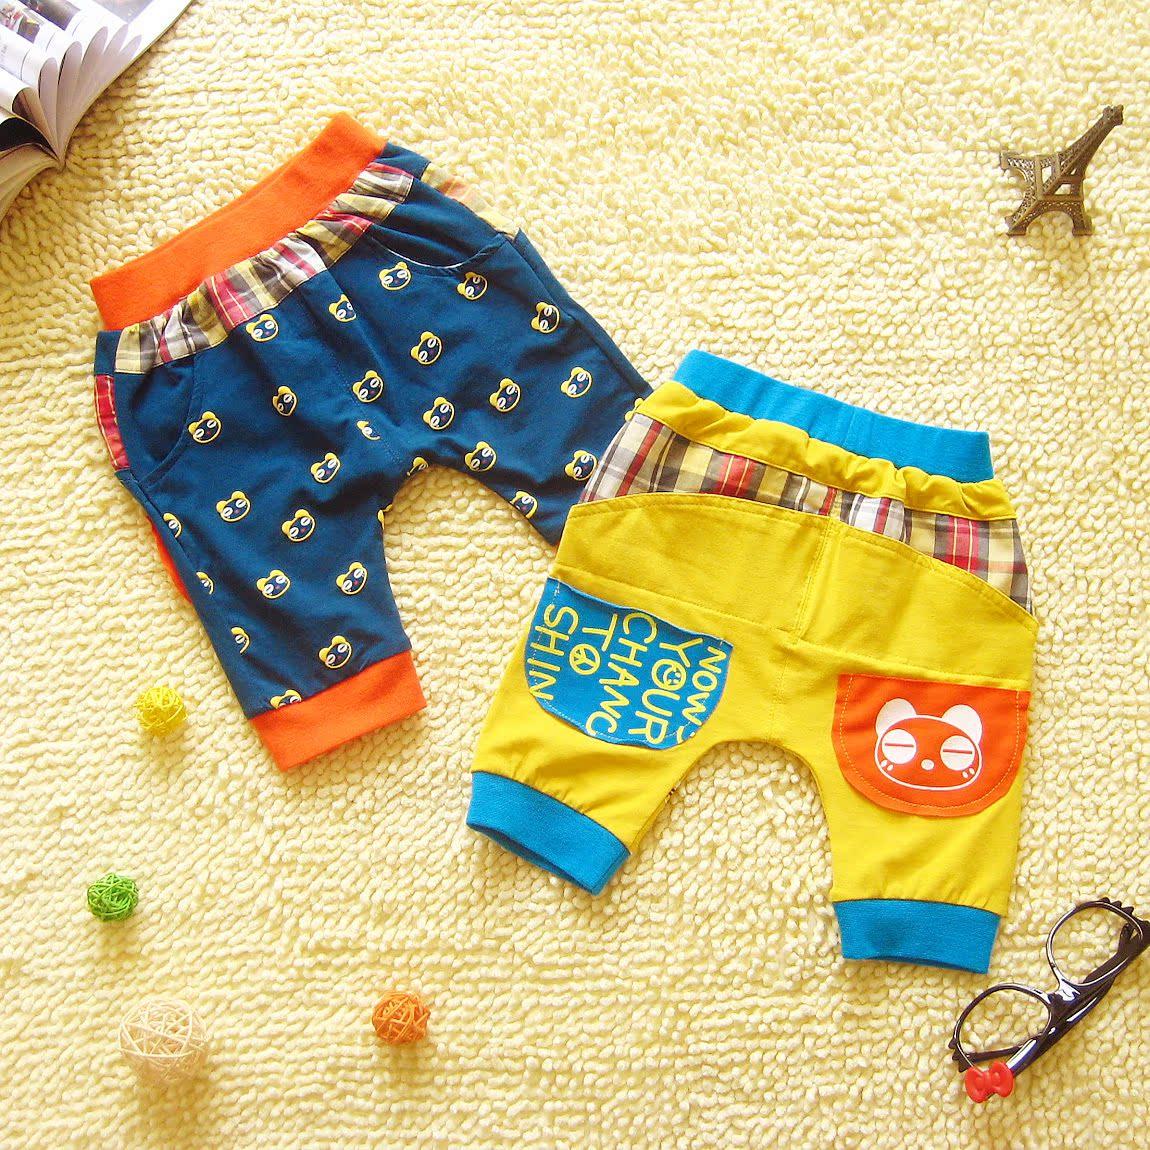 韩版外贸原单儿童装男女宝宝裤子纯棉中裤婴儿五分裤可开裆哈伦裤